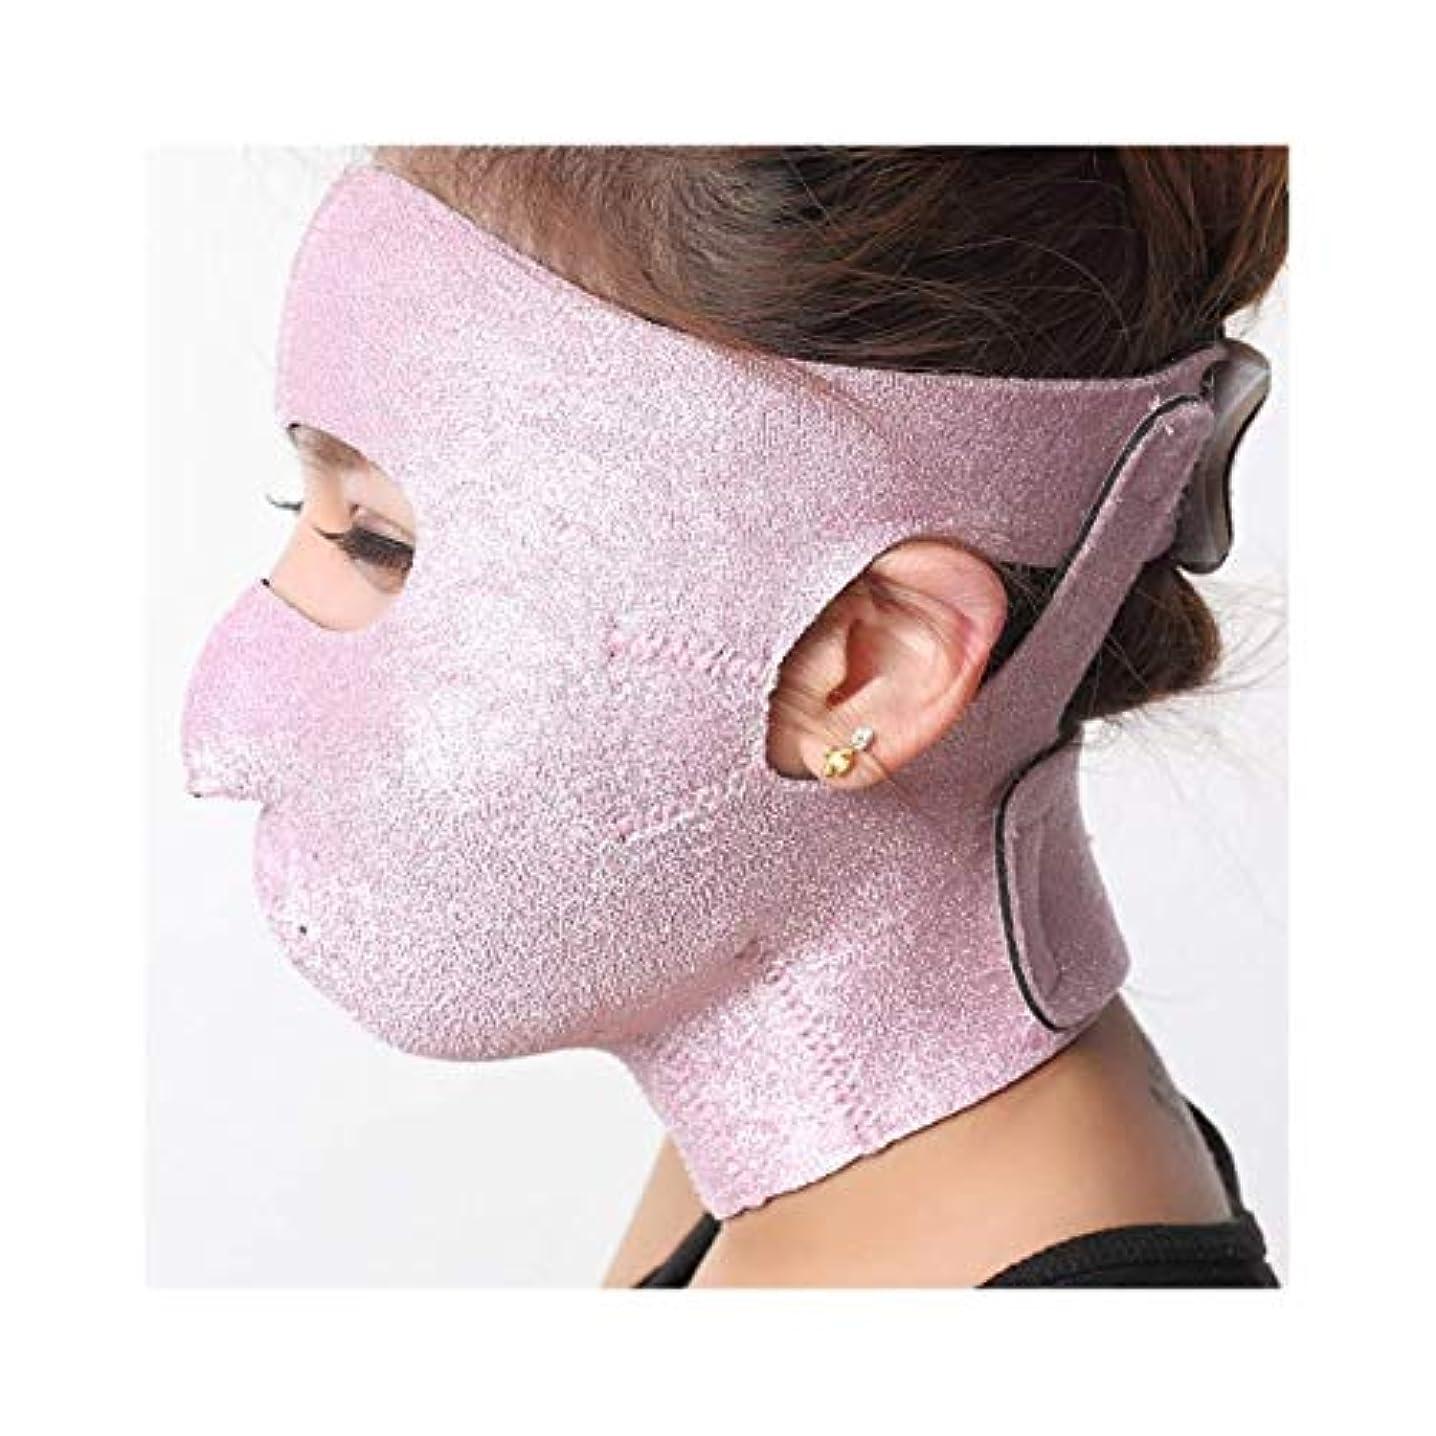 請求恒久的保険をかけるファーミングフェイスマスク、スモールVフェイスアーティファクトSクリームフェイスリフトフェイスメロンフェイスインストゥルメントを引き締めるリフティングマスク付きリープ薄型フェイスバンデージマスク